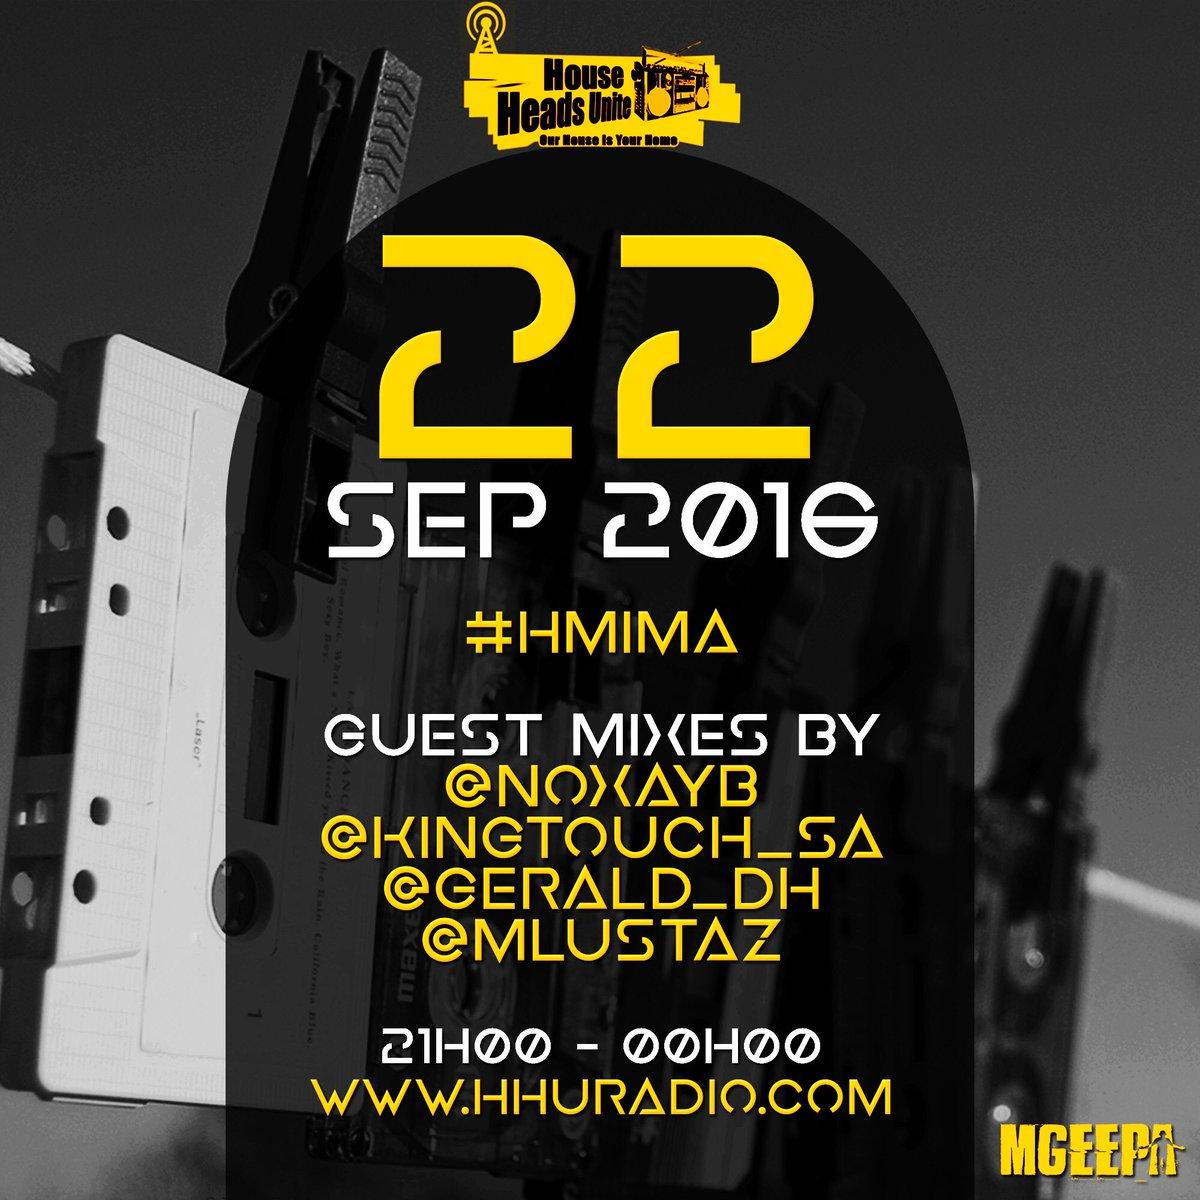 Line up on #HMIMA tonight  - @NoxayB - @Kingtouch_SA  - @Gerald_DH  - @Mlustaz   Live on @HHURadio https://t.co/6e7uUKsq5D